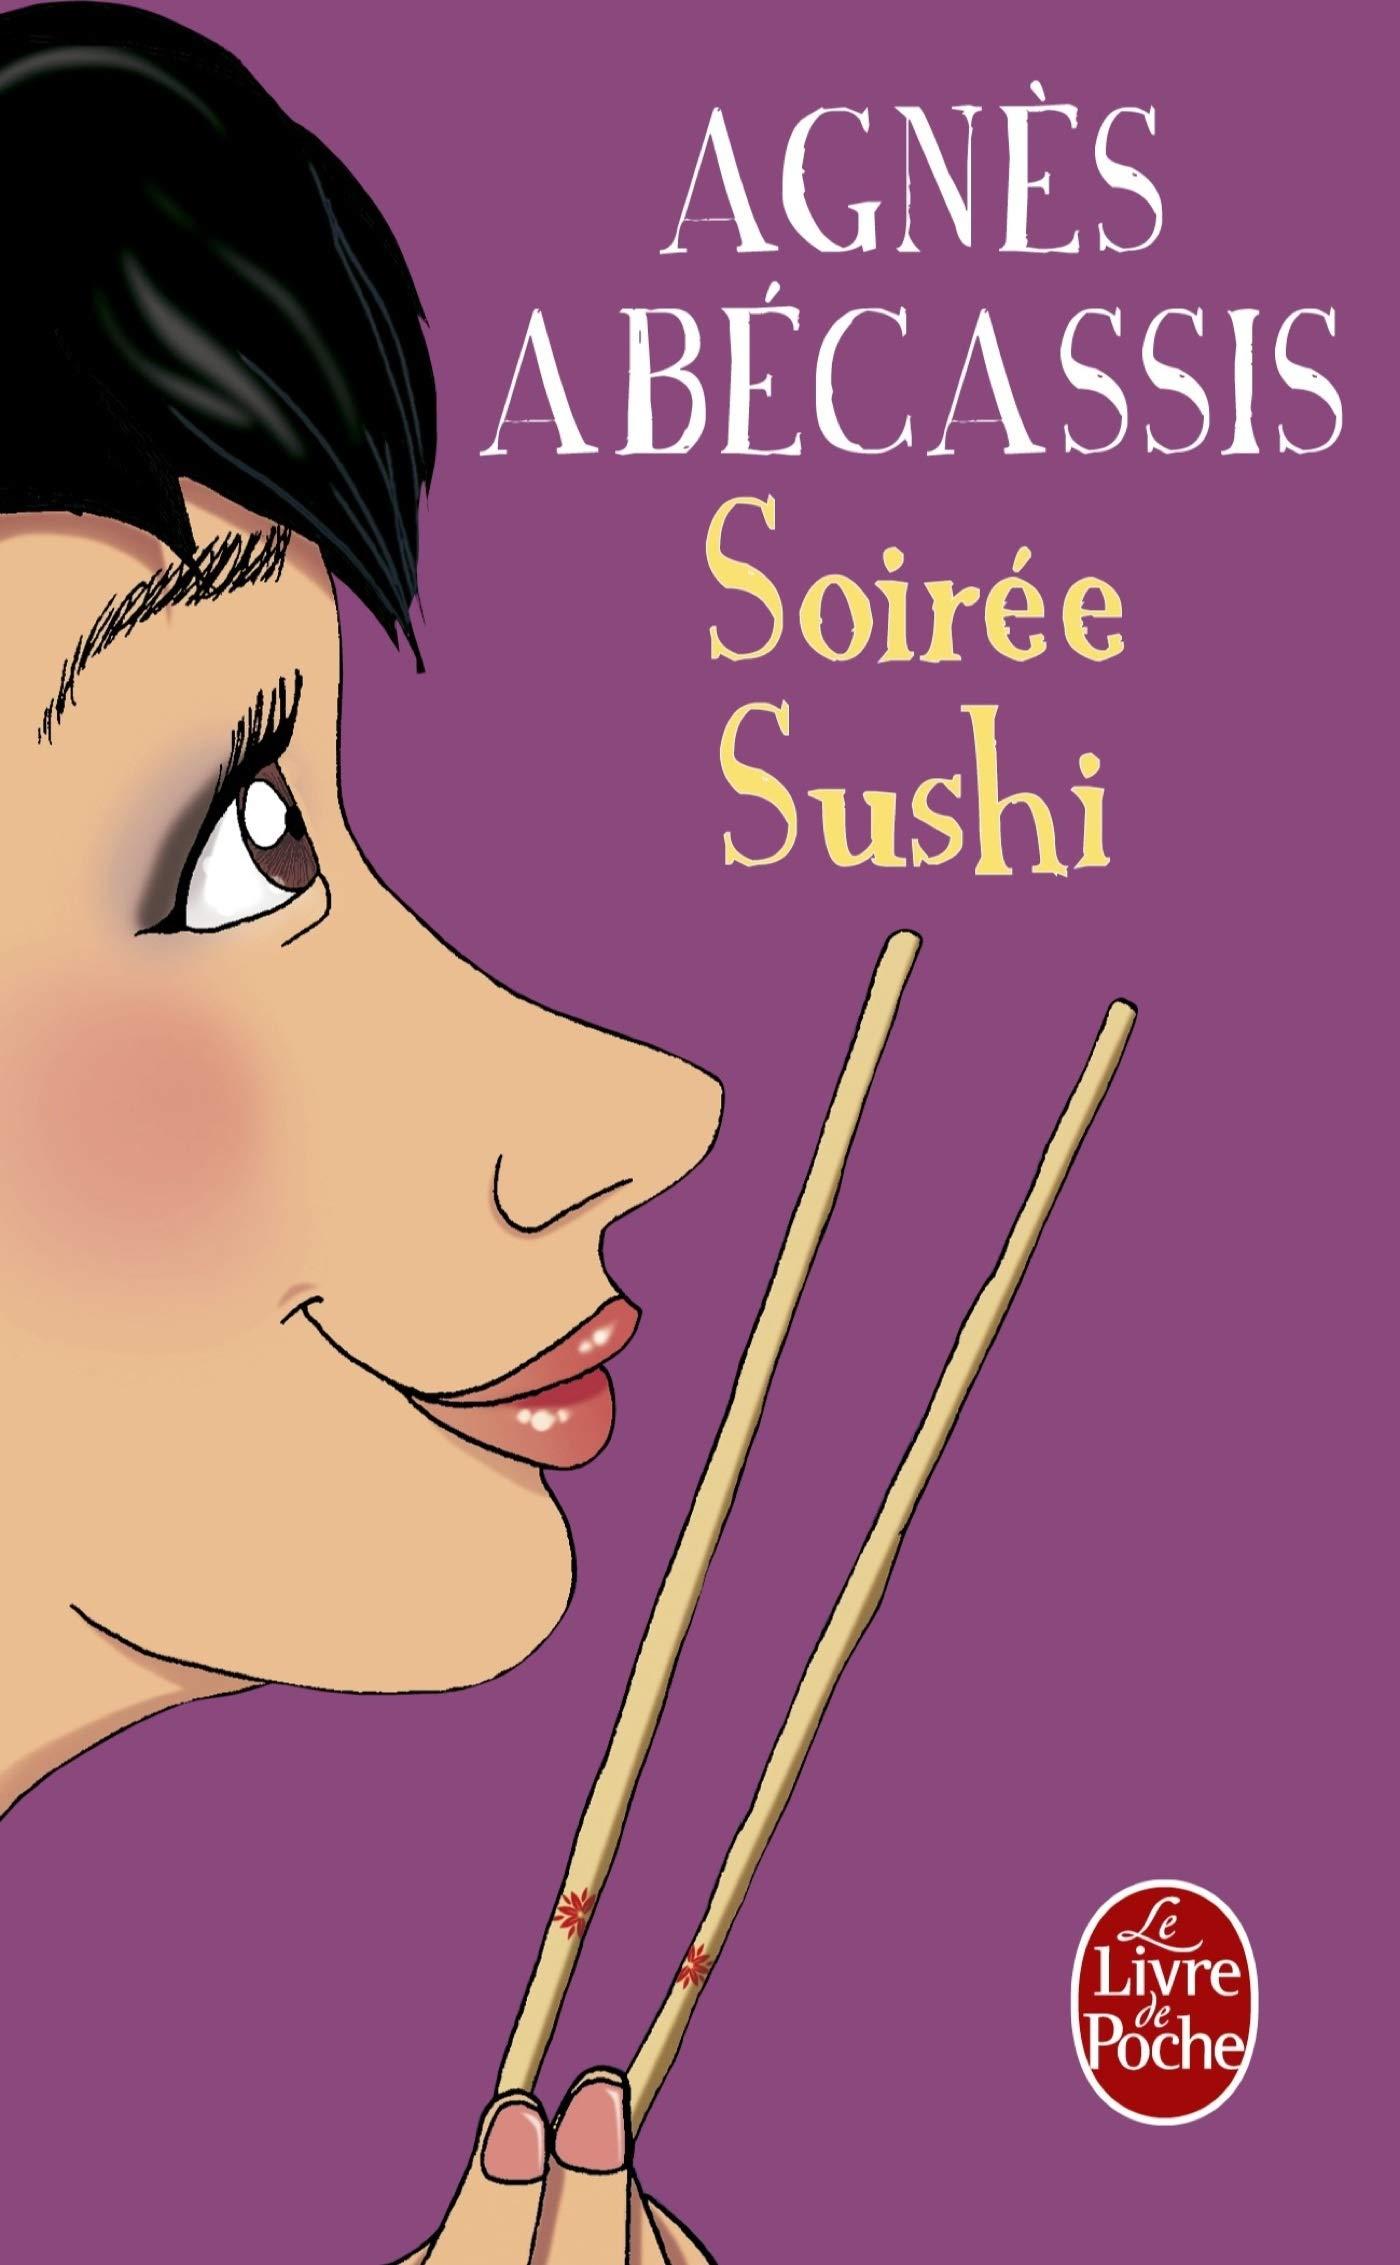 Soirée sushi Poche – 2 février 2011 Agnès Abécassis Le Livre de Poche 2253157546 Romans francophones